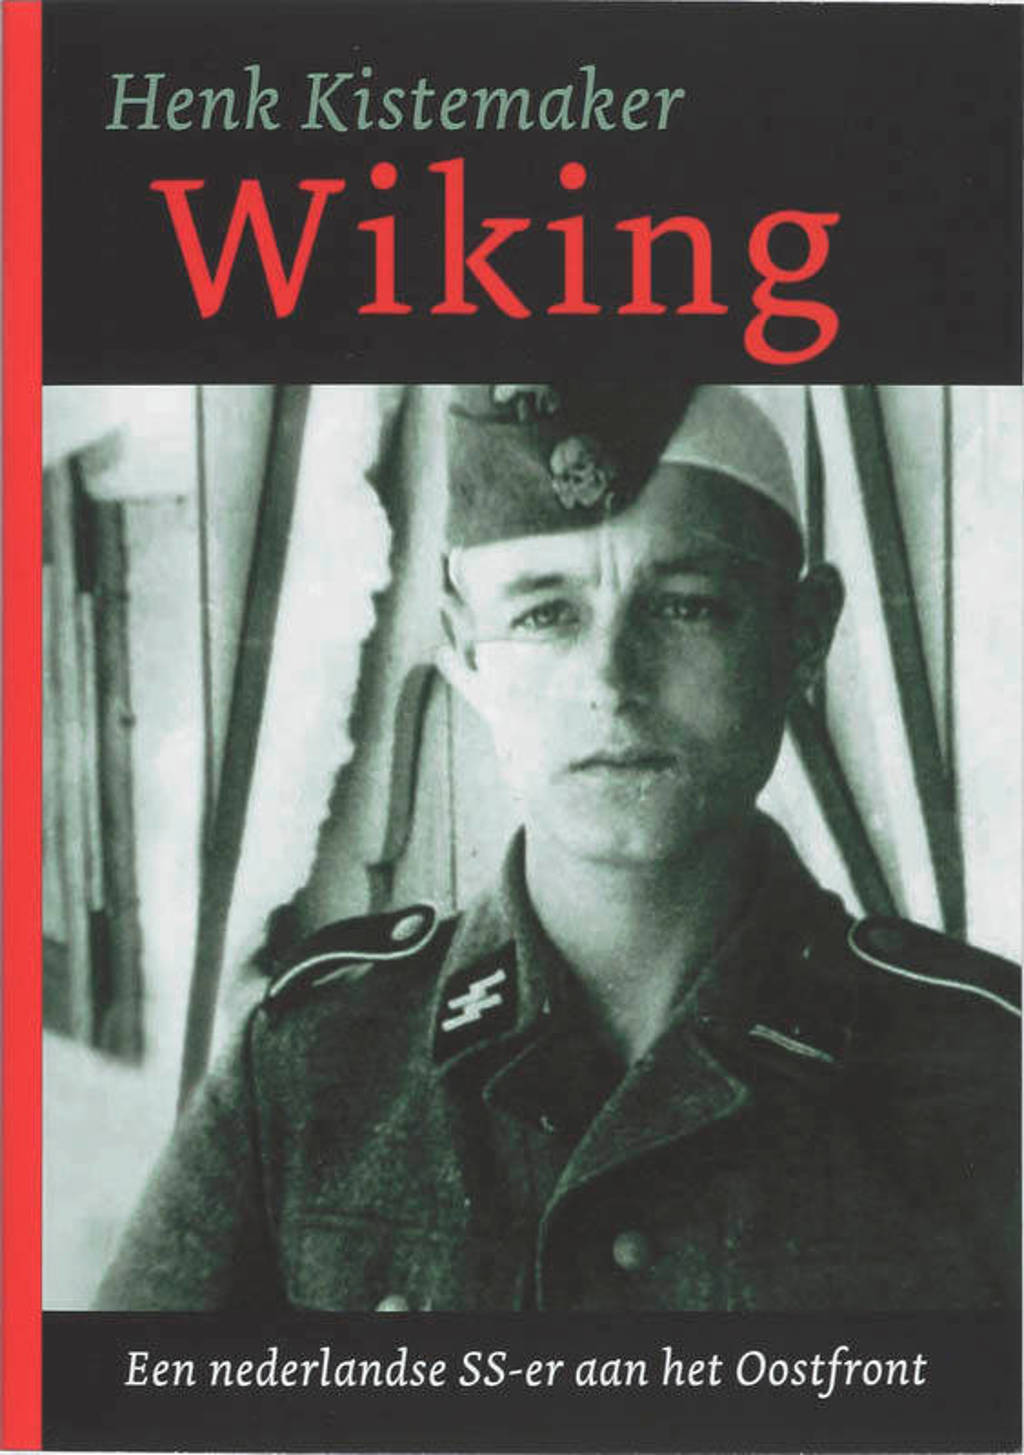 Wiking - H. Kistemaker